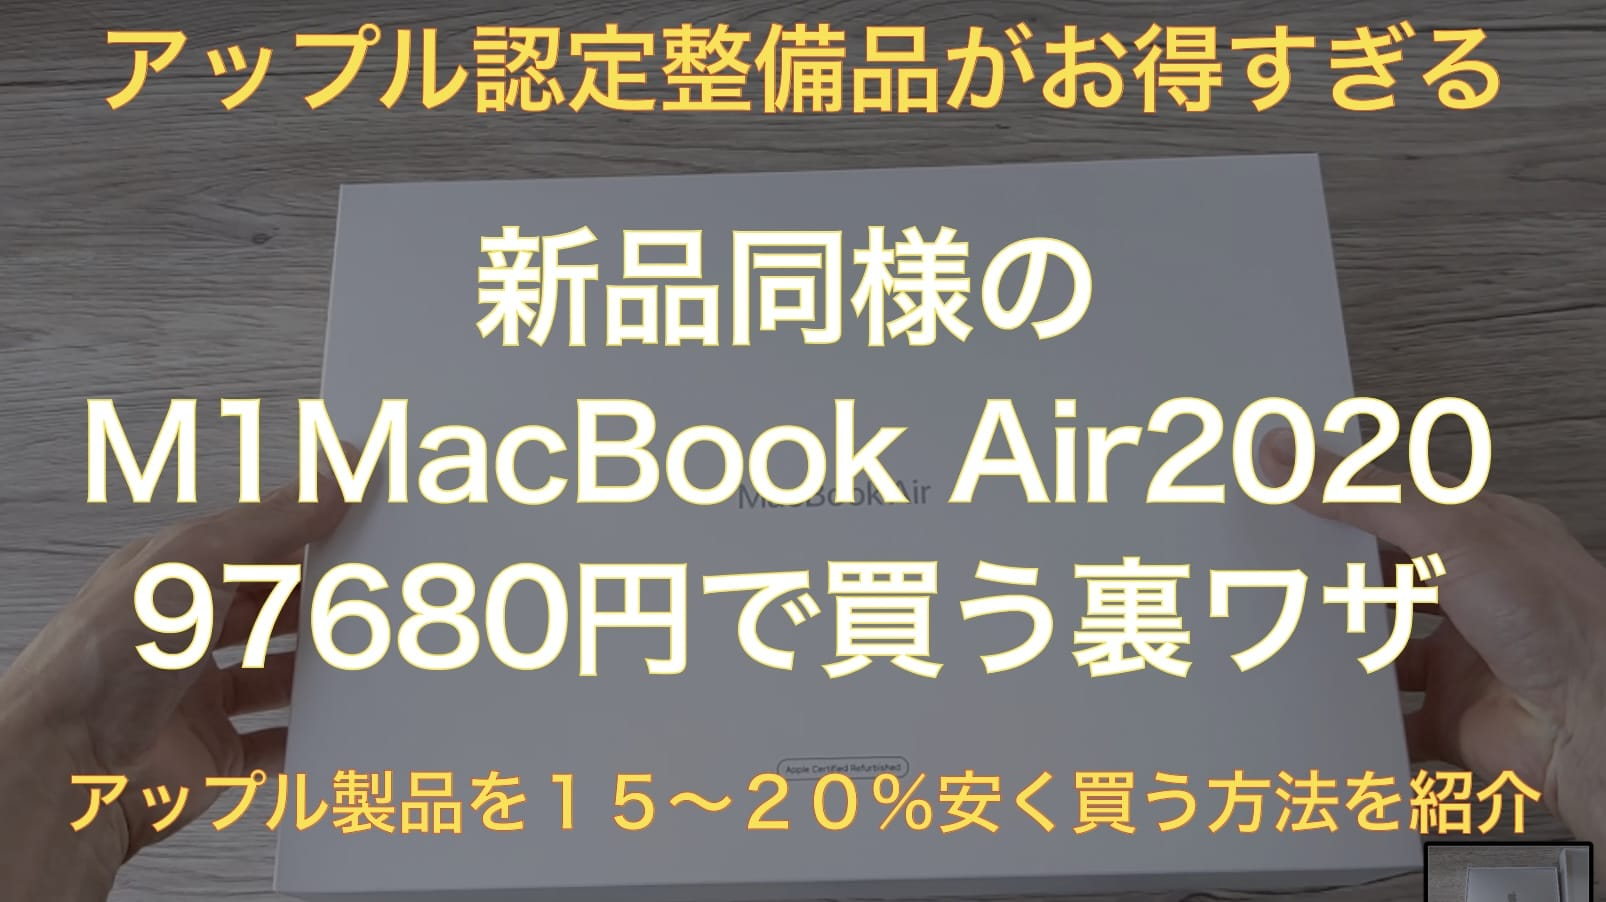 新品同様のM1 MacBook Airを20%も安く買う方法!お得なアップル認定整備品を買ってみたよサムネイル画像